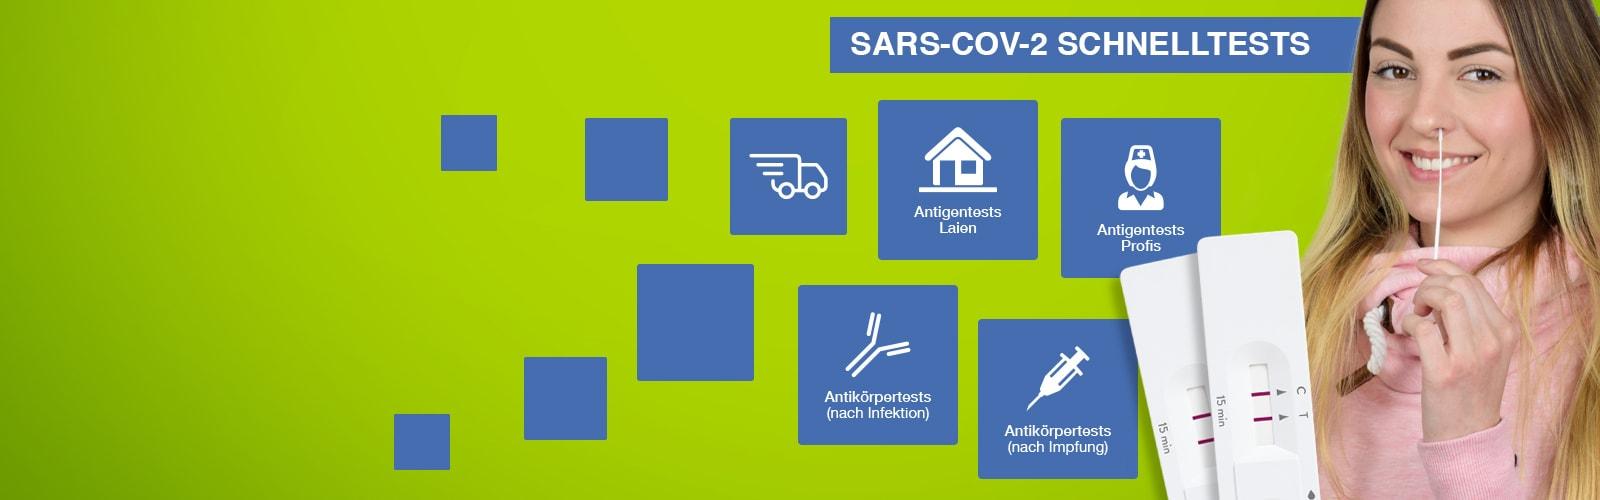 SARS-CoV-2 Schnelltests